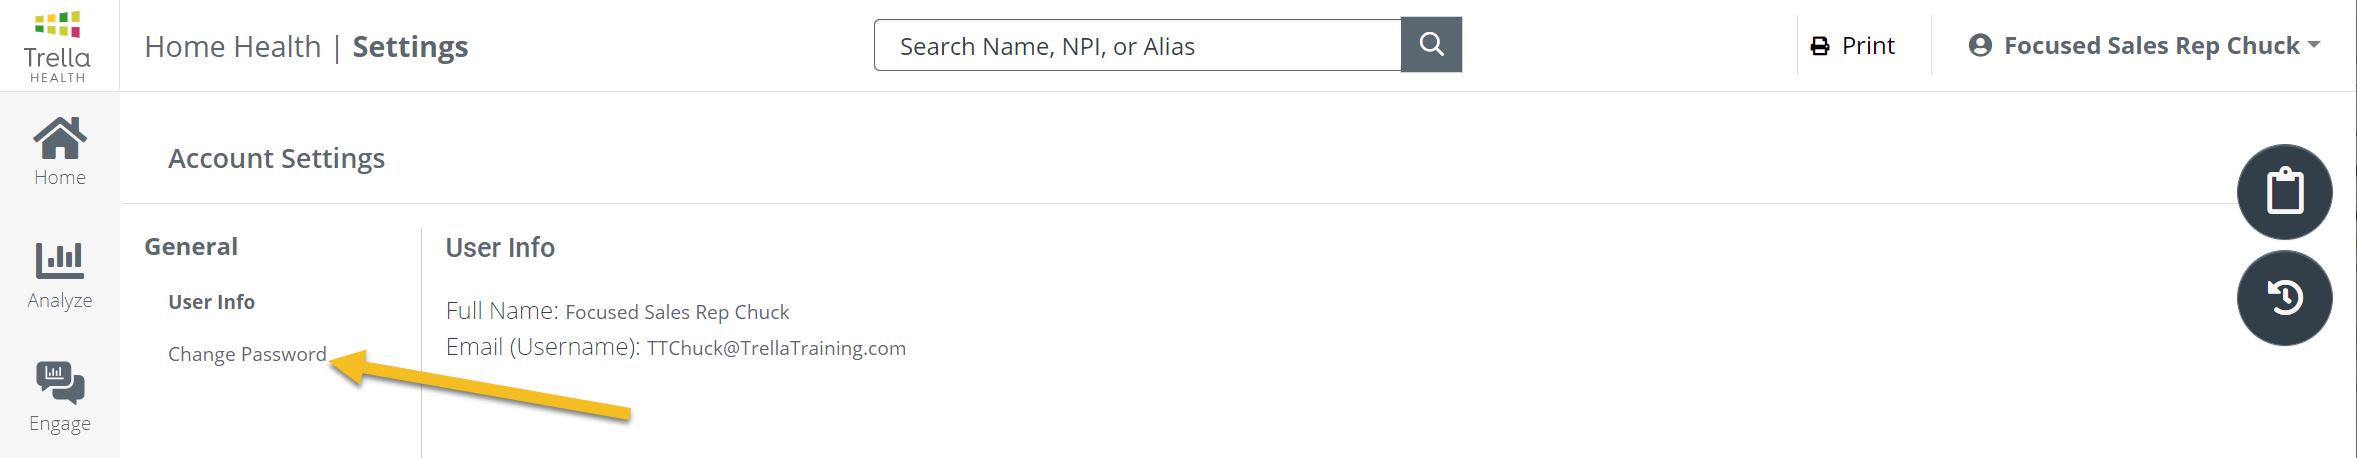 ClickOnChangePassword.png